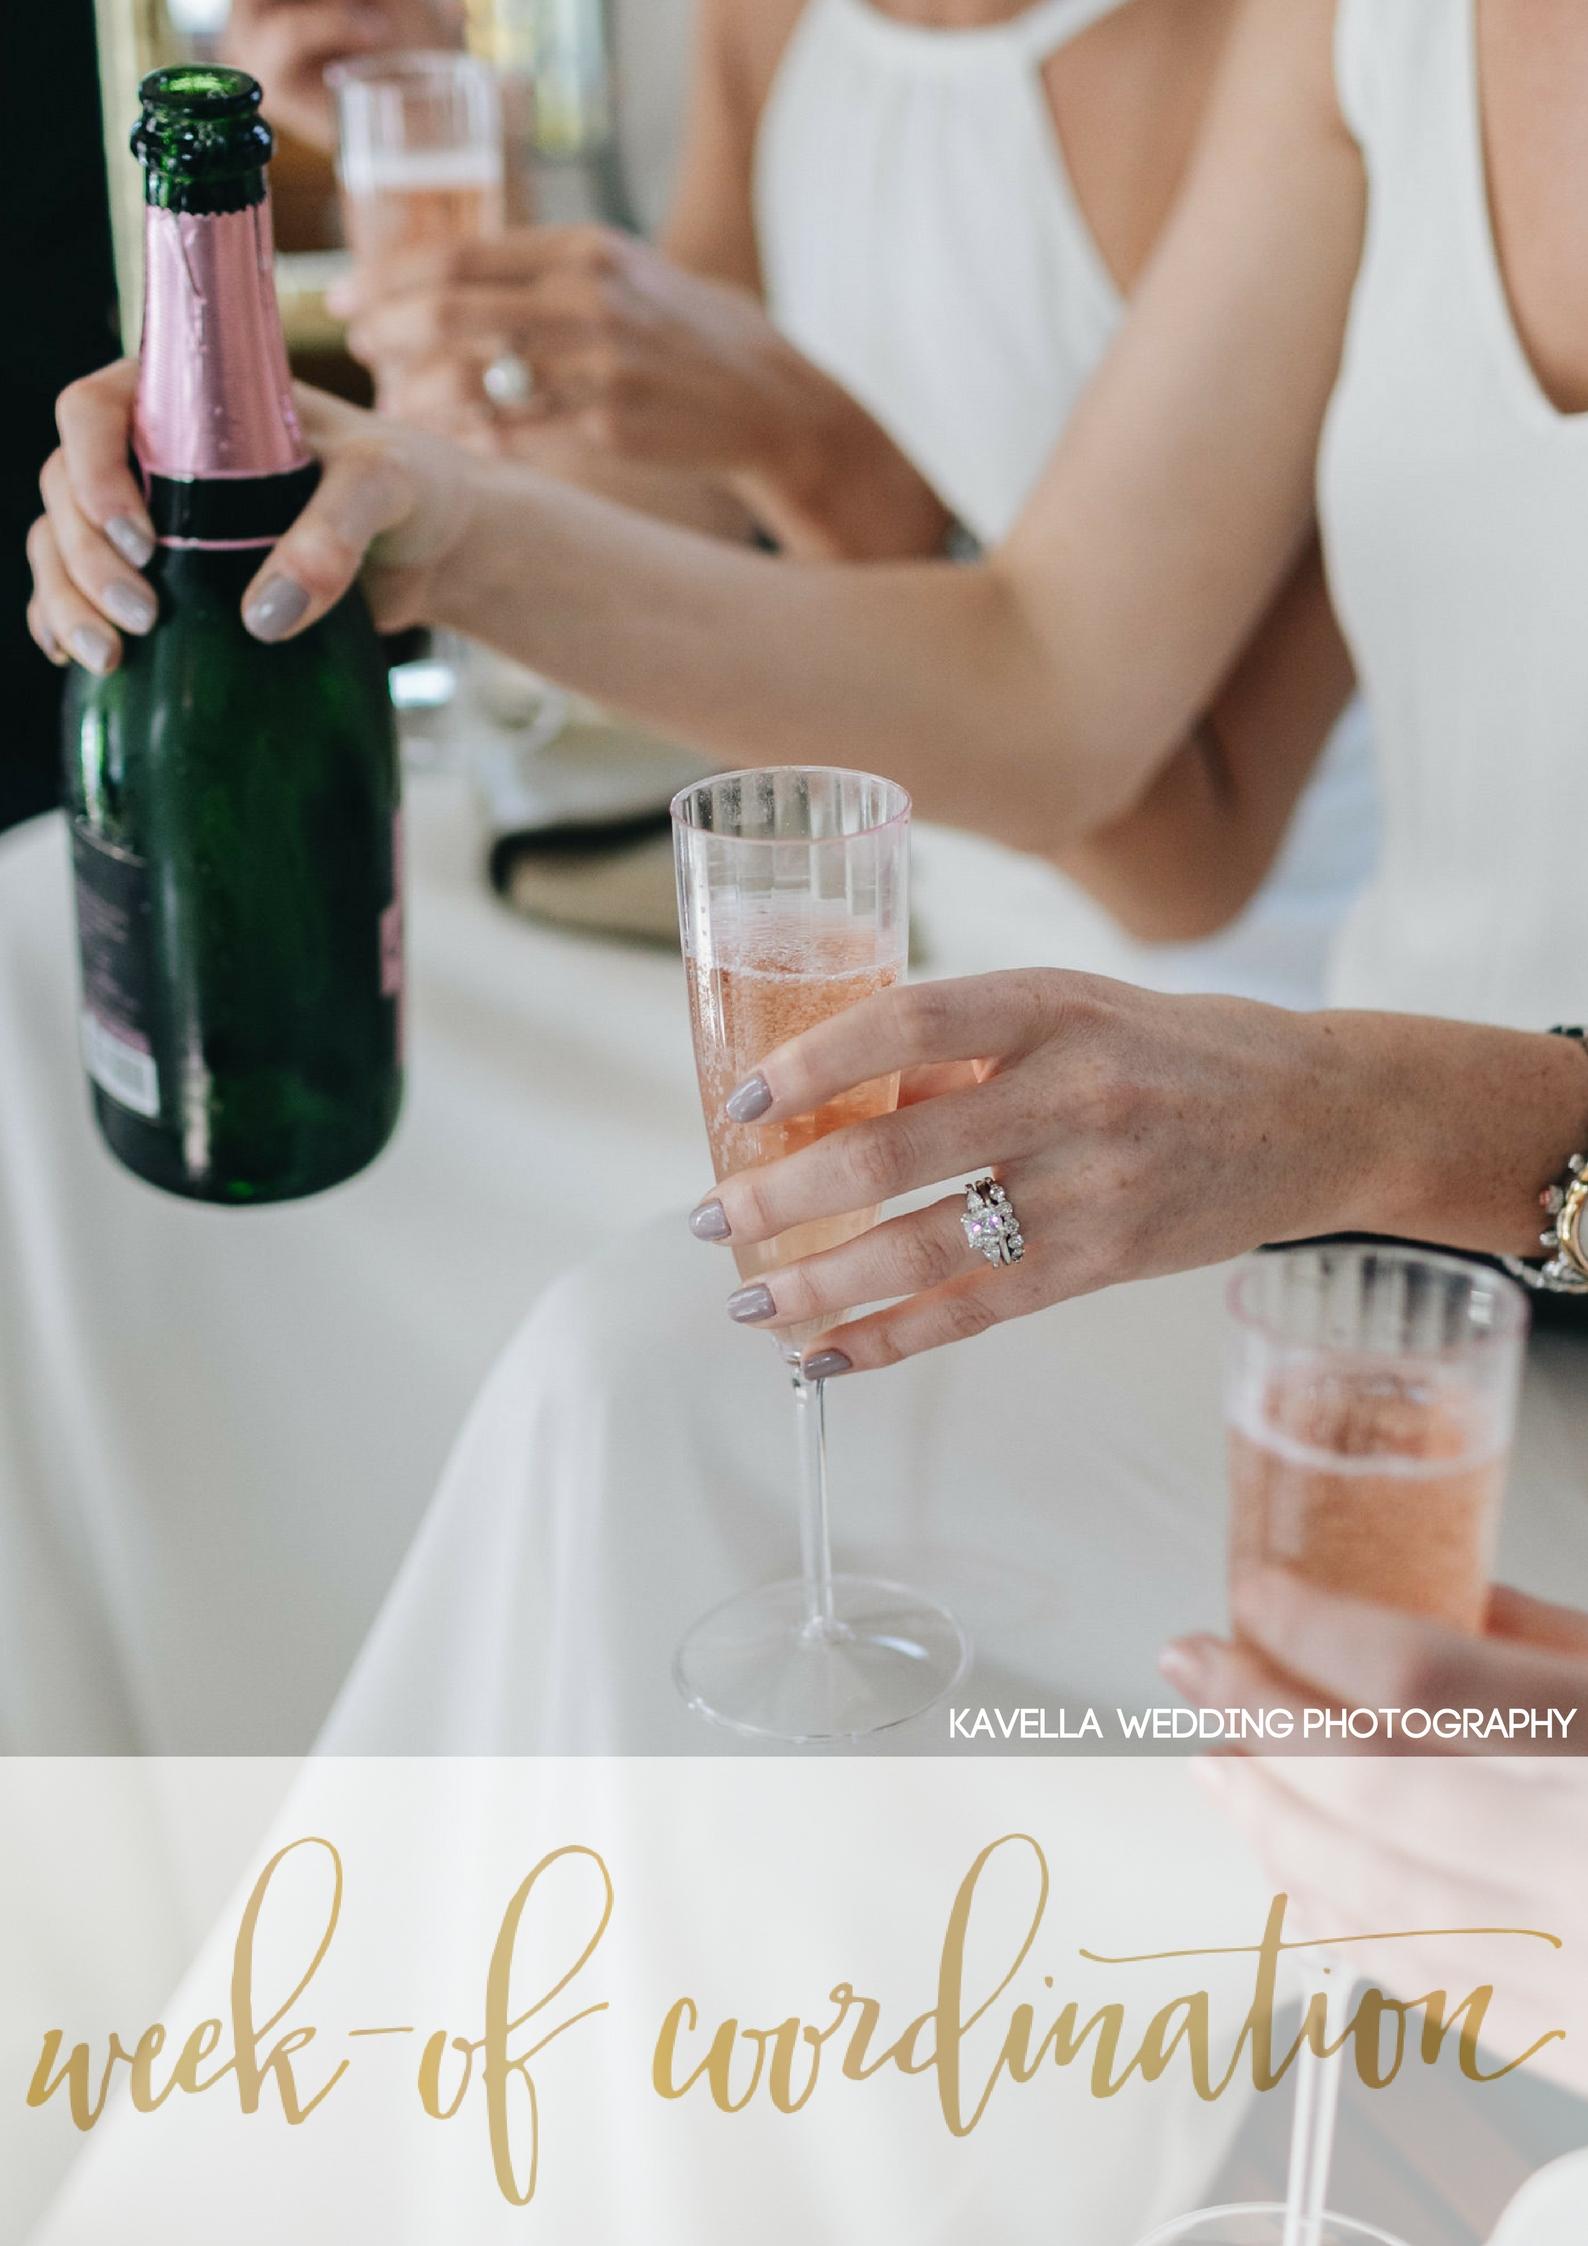 Minneapolis Wedding Planner Week-of Coordination.jpg